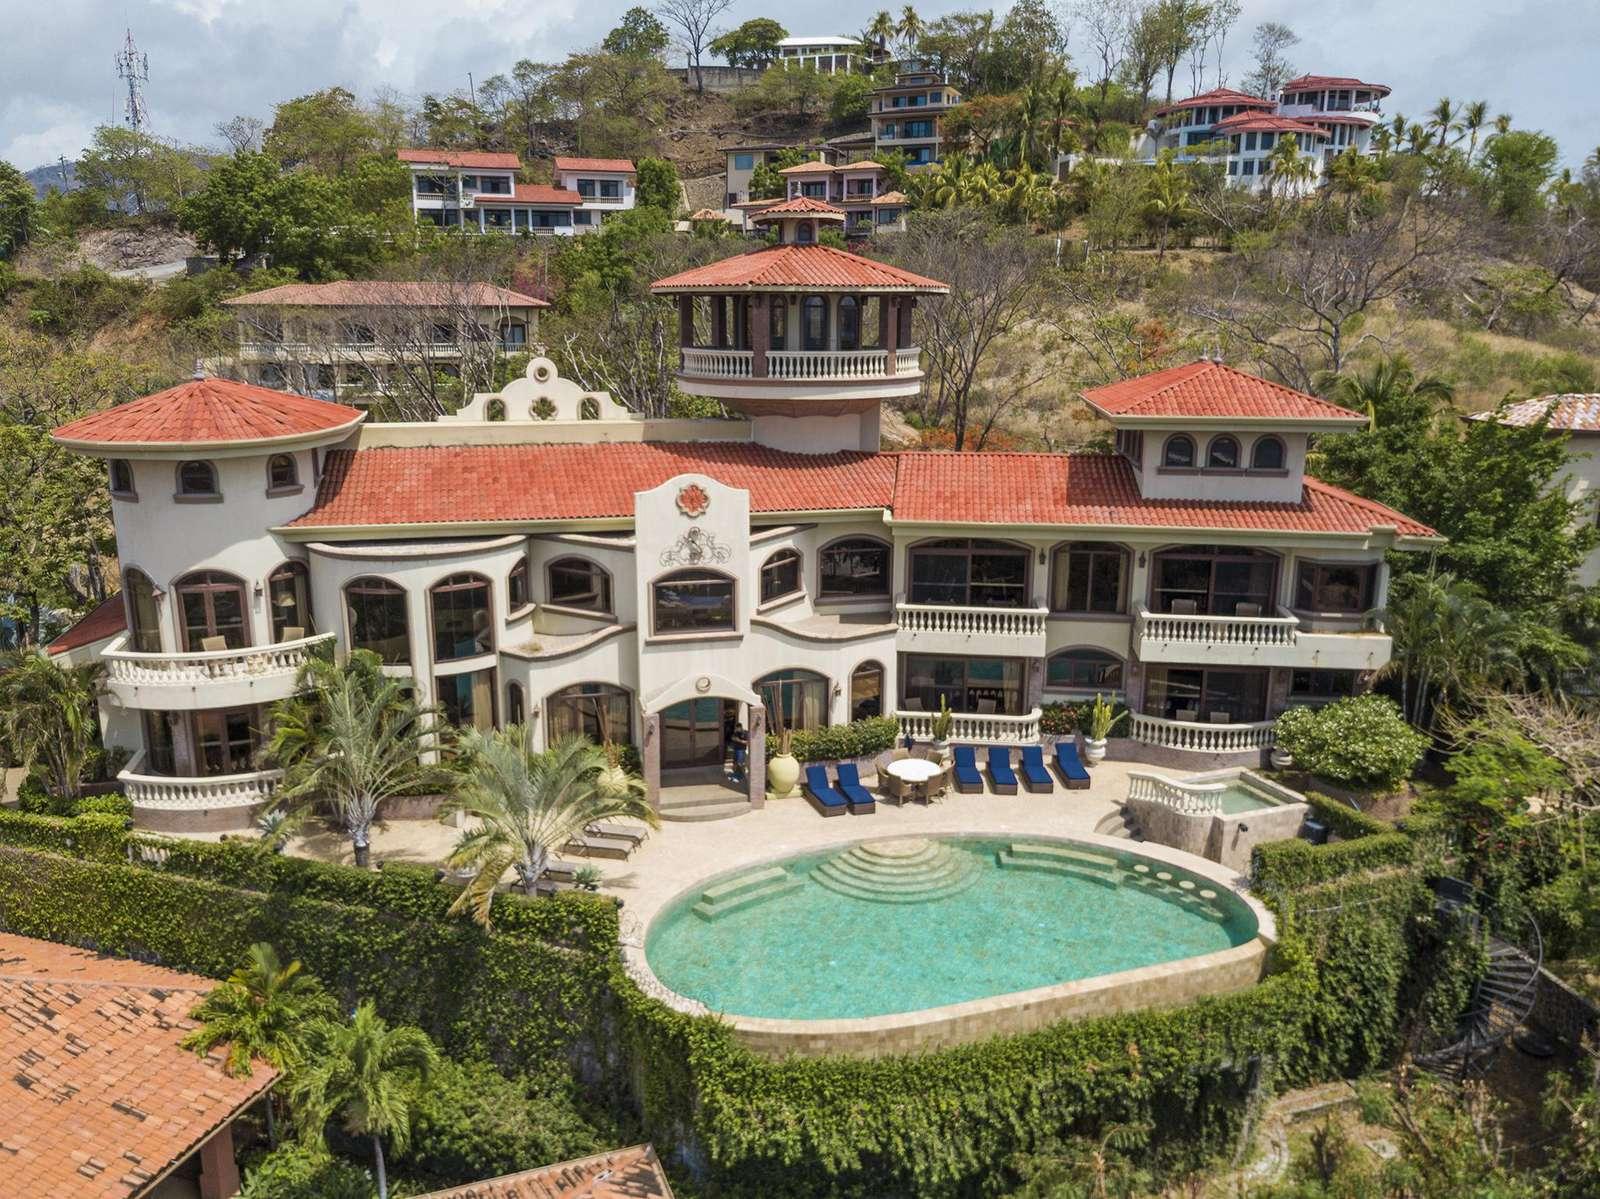 Casa de los Congos, an awe inspiring ocean view luxury estate in Flamingo Beach